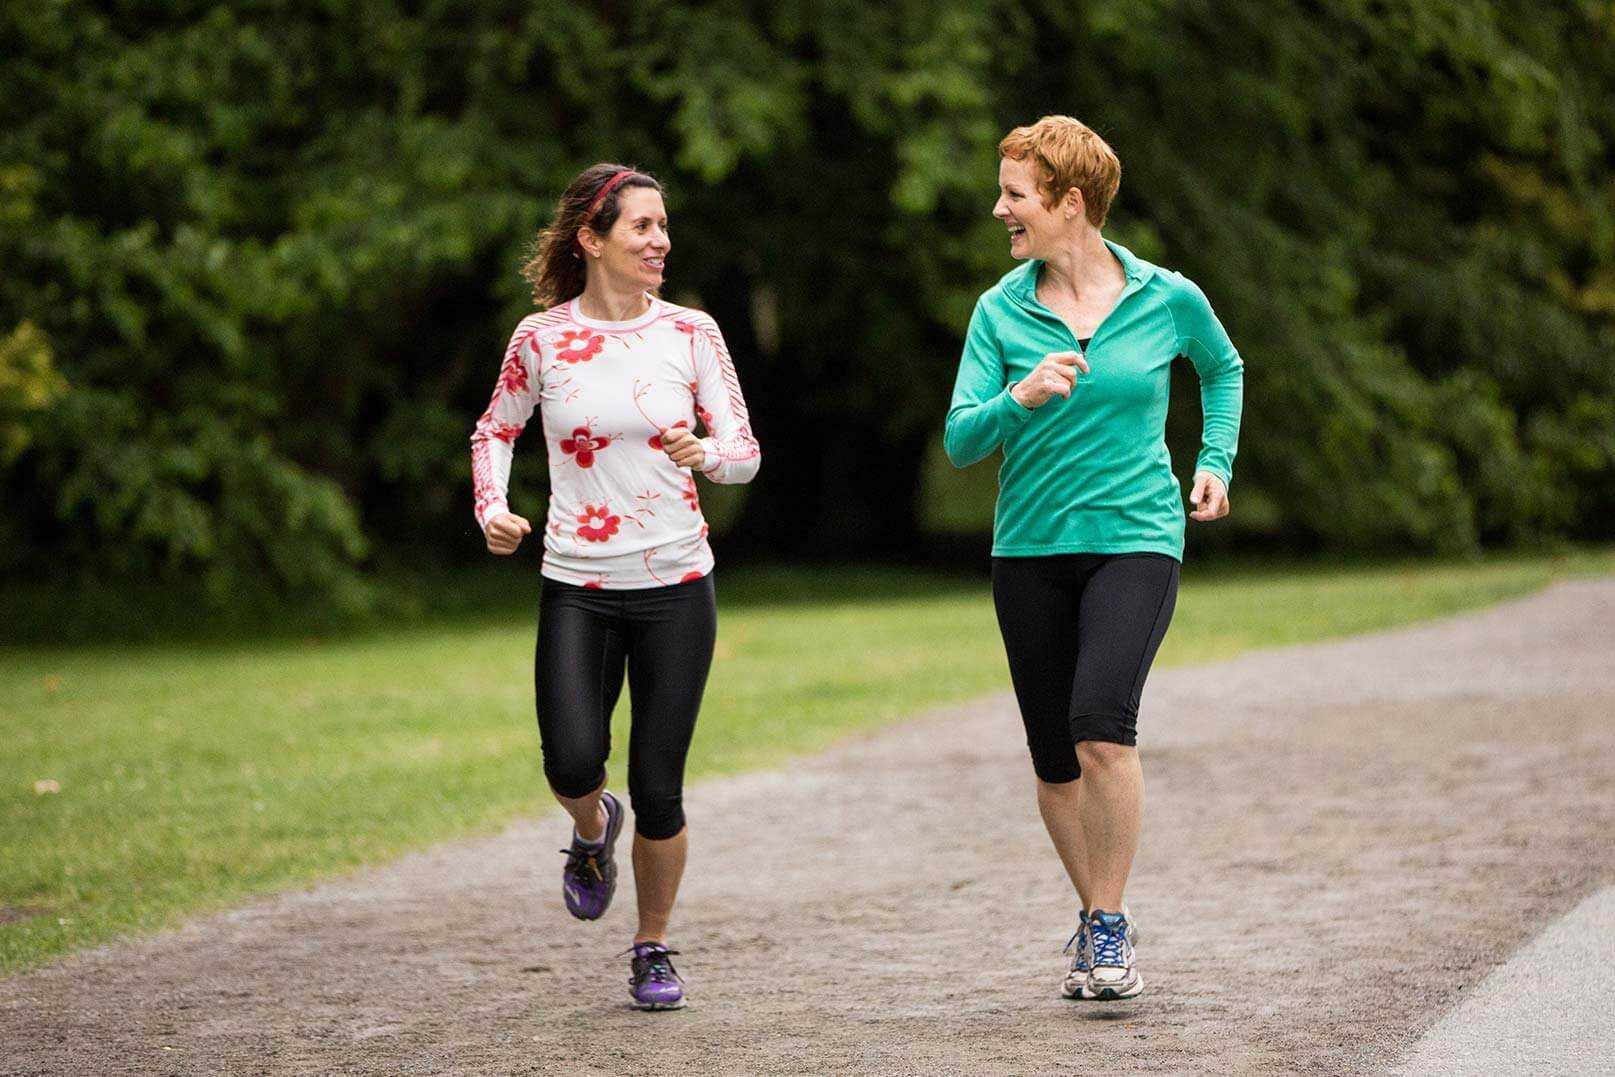 Бег или ходьба: что лучше для похудения?